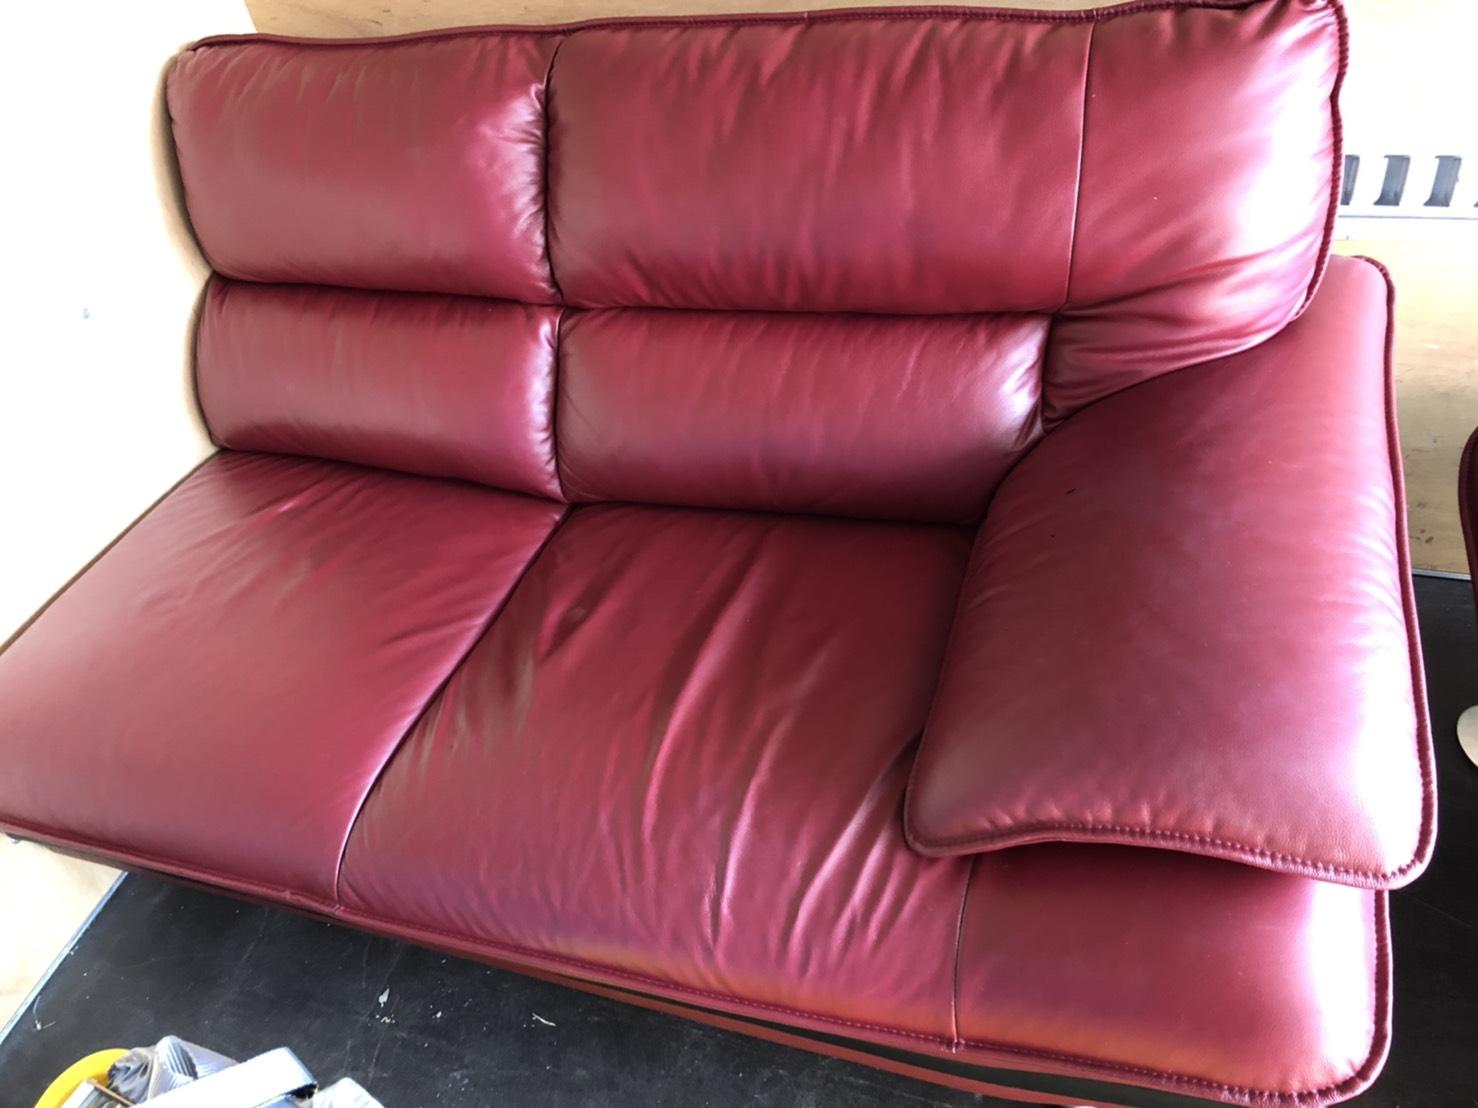 5/19★出張買取にてソファを買取させていただきました! #出張買取 #マンガ倉庫 #武雄店 #白物 #家電#買取 #家具 #重い ★